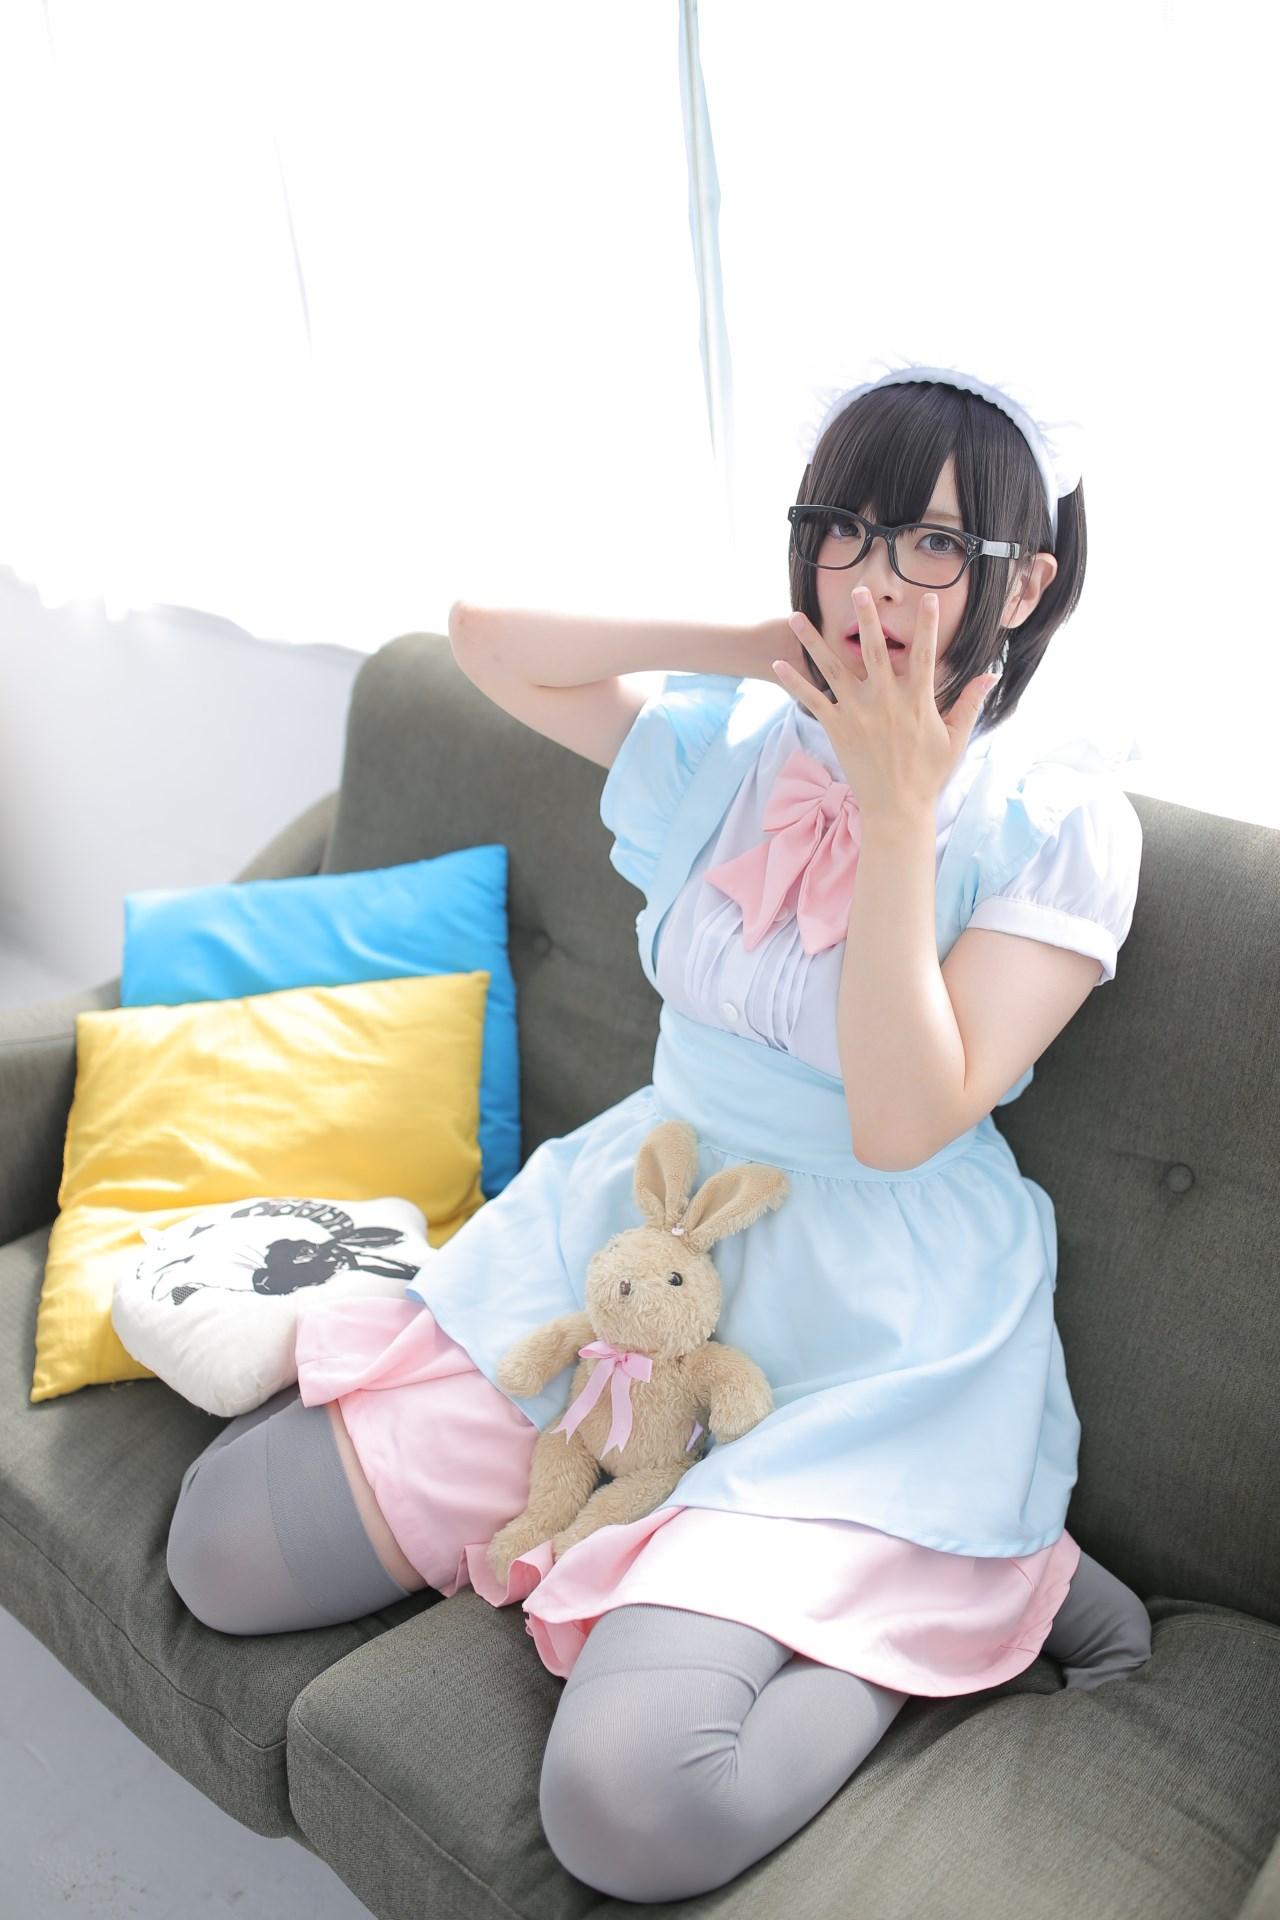 【兔玩映画】眼镜女仆 兔玩映画 第85张